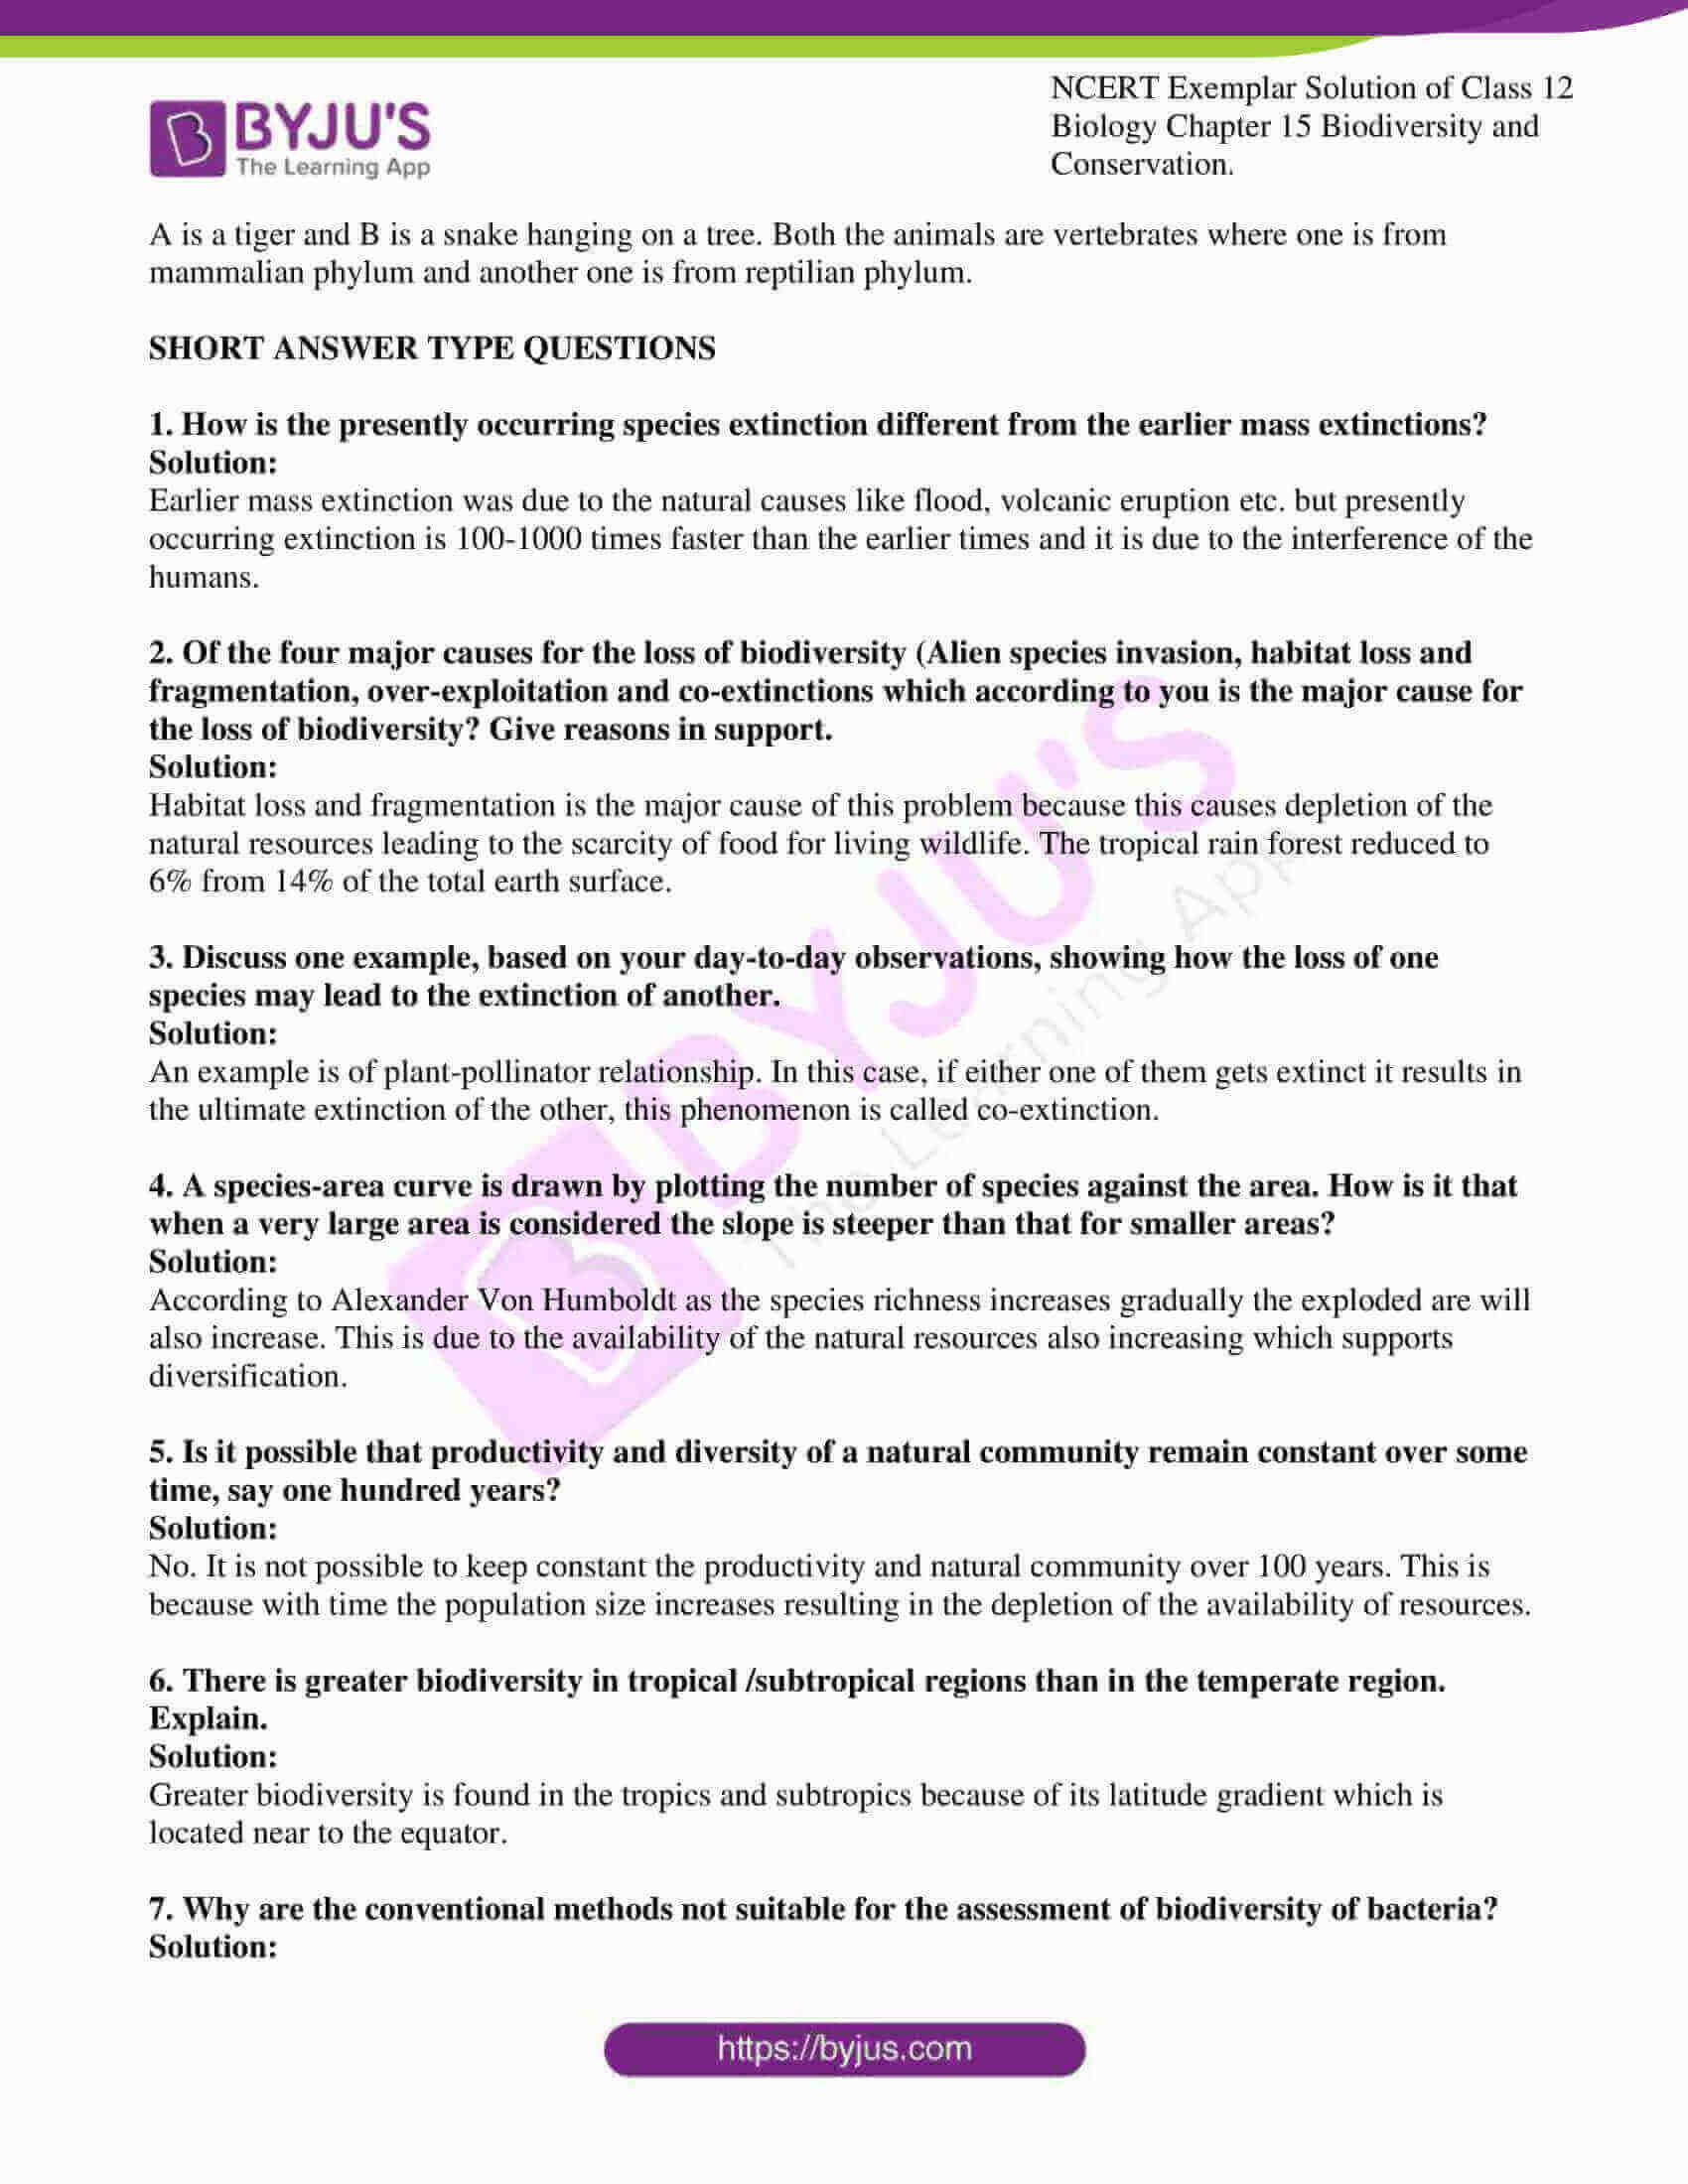 ncert exemplar solution of class 12 biology chapter 15 07